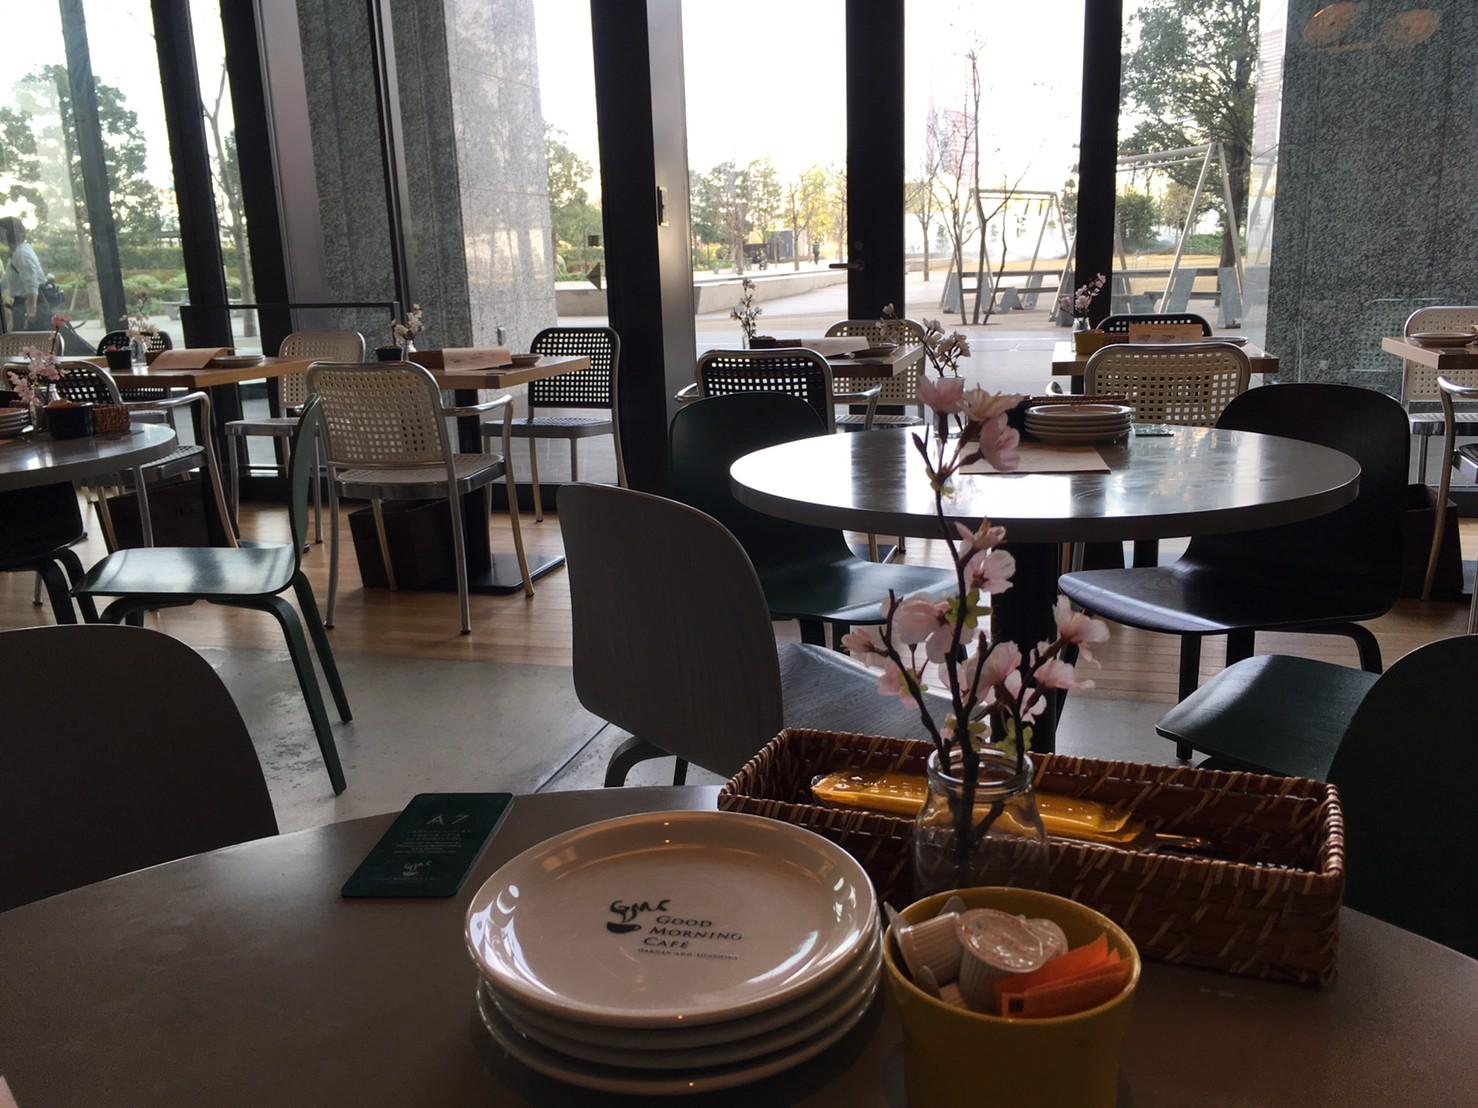 グッドモーニングカフェ 品川シーズンテラス店 内装 客席